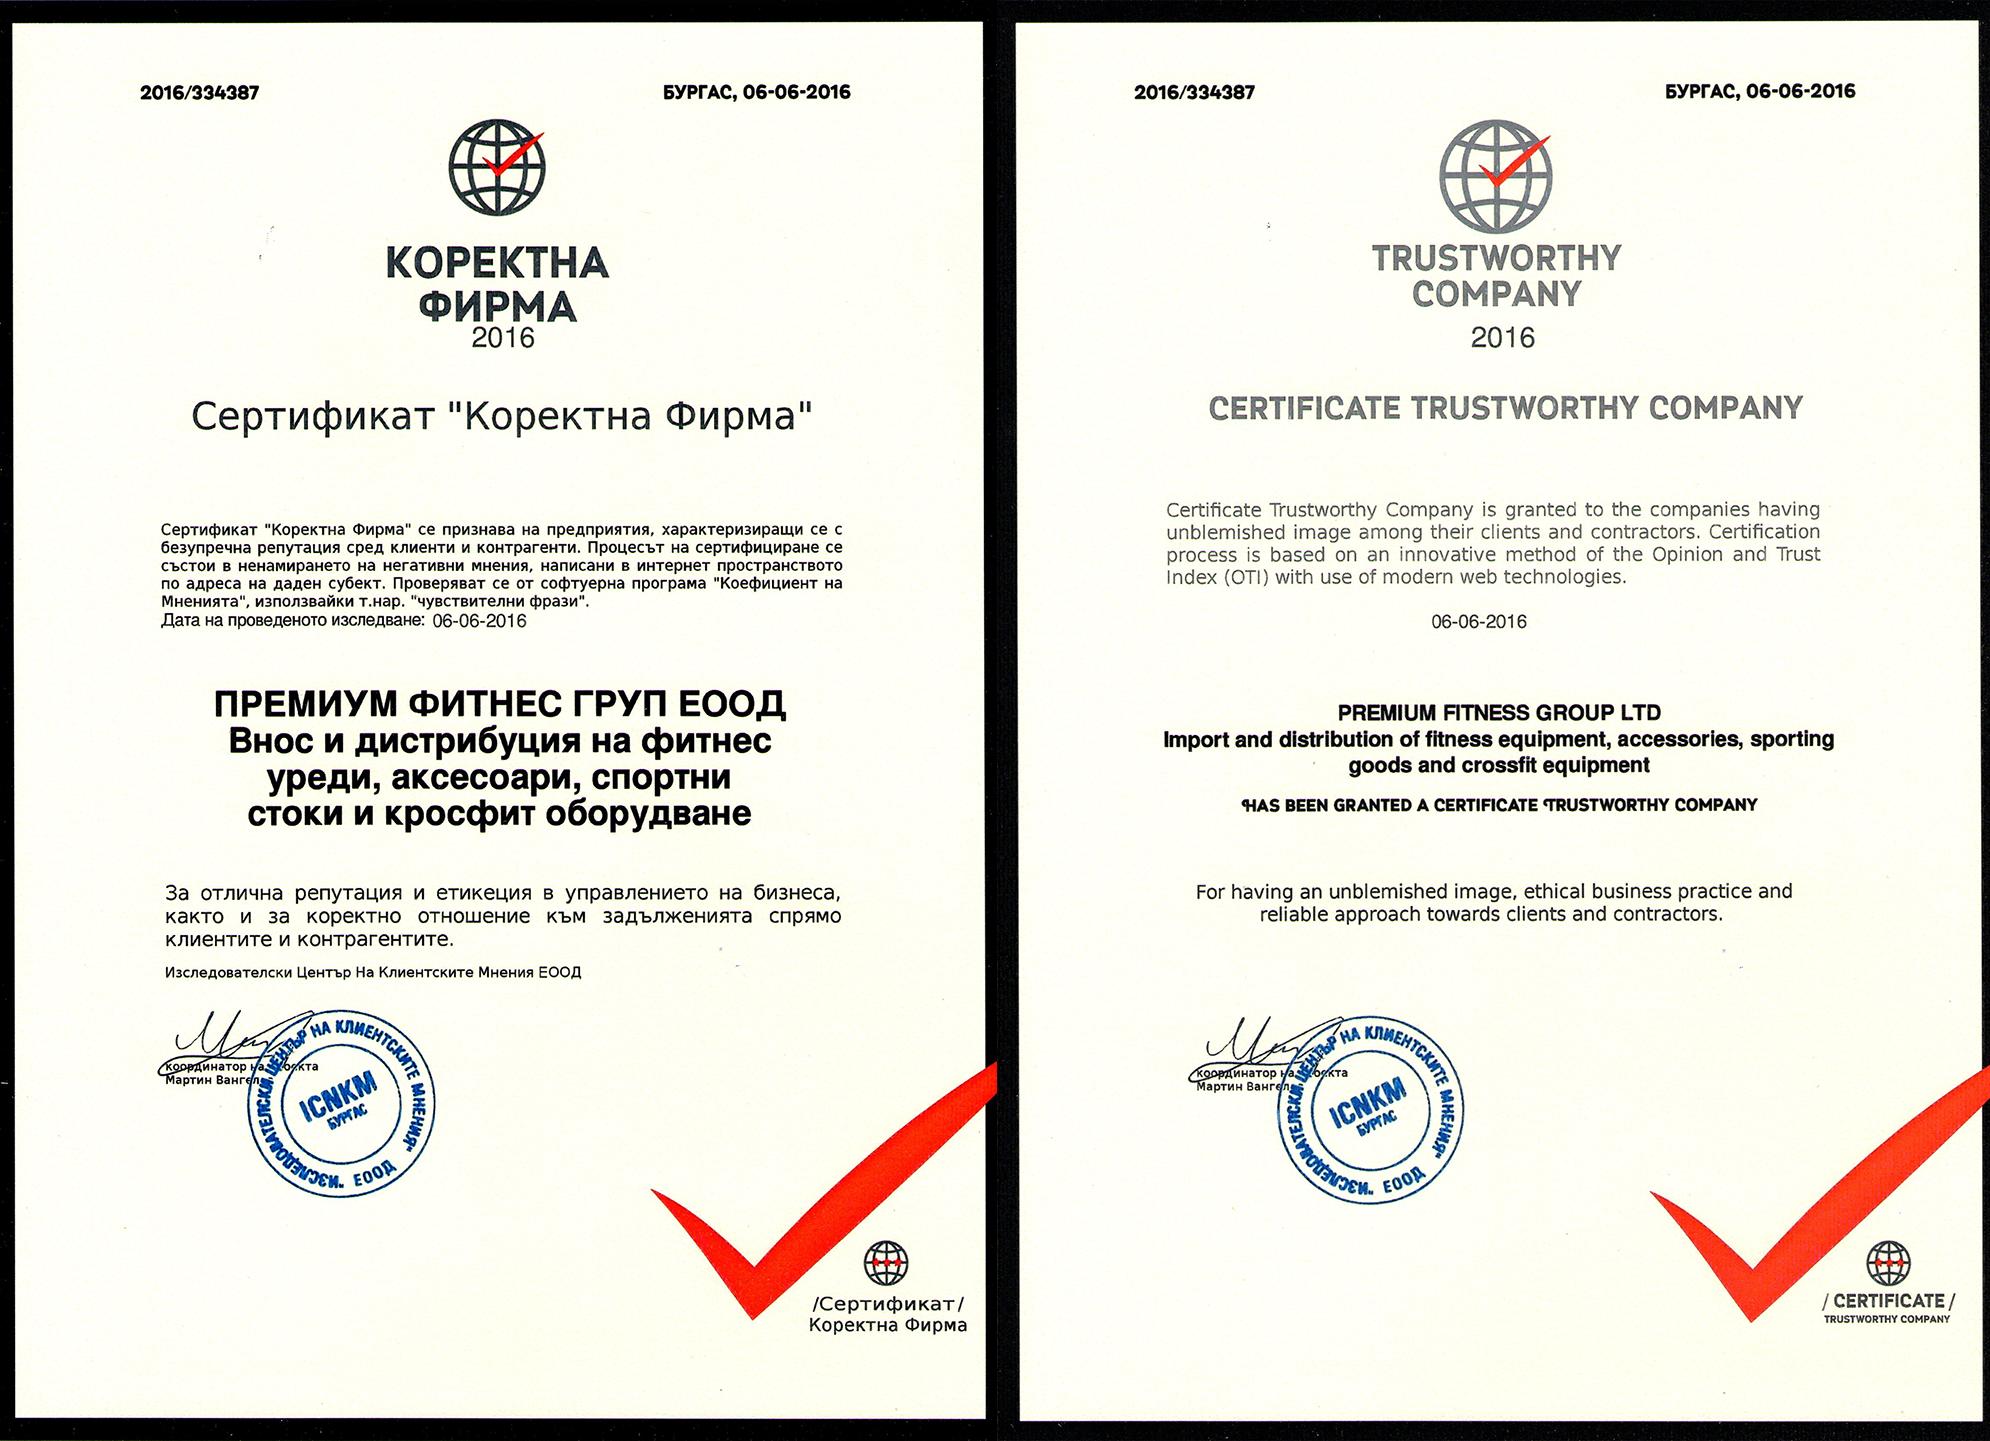 """Сертификат """"Коректна фирма"""""""